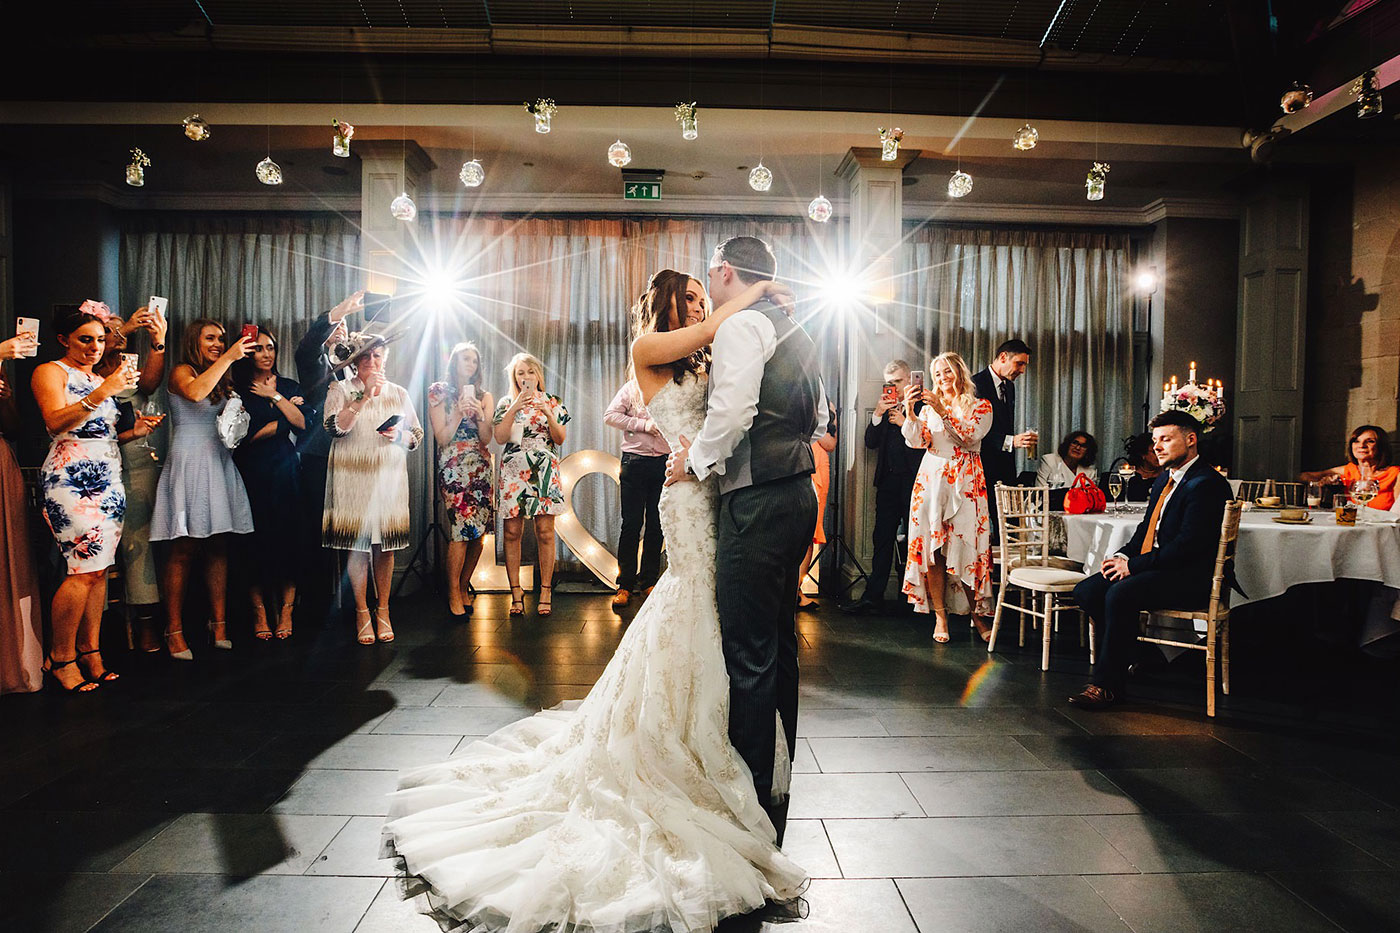 Hampton Manor Wedding Venue